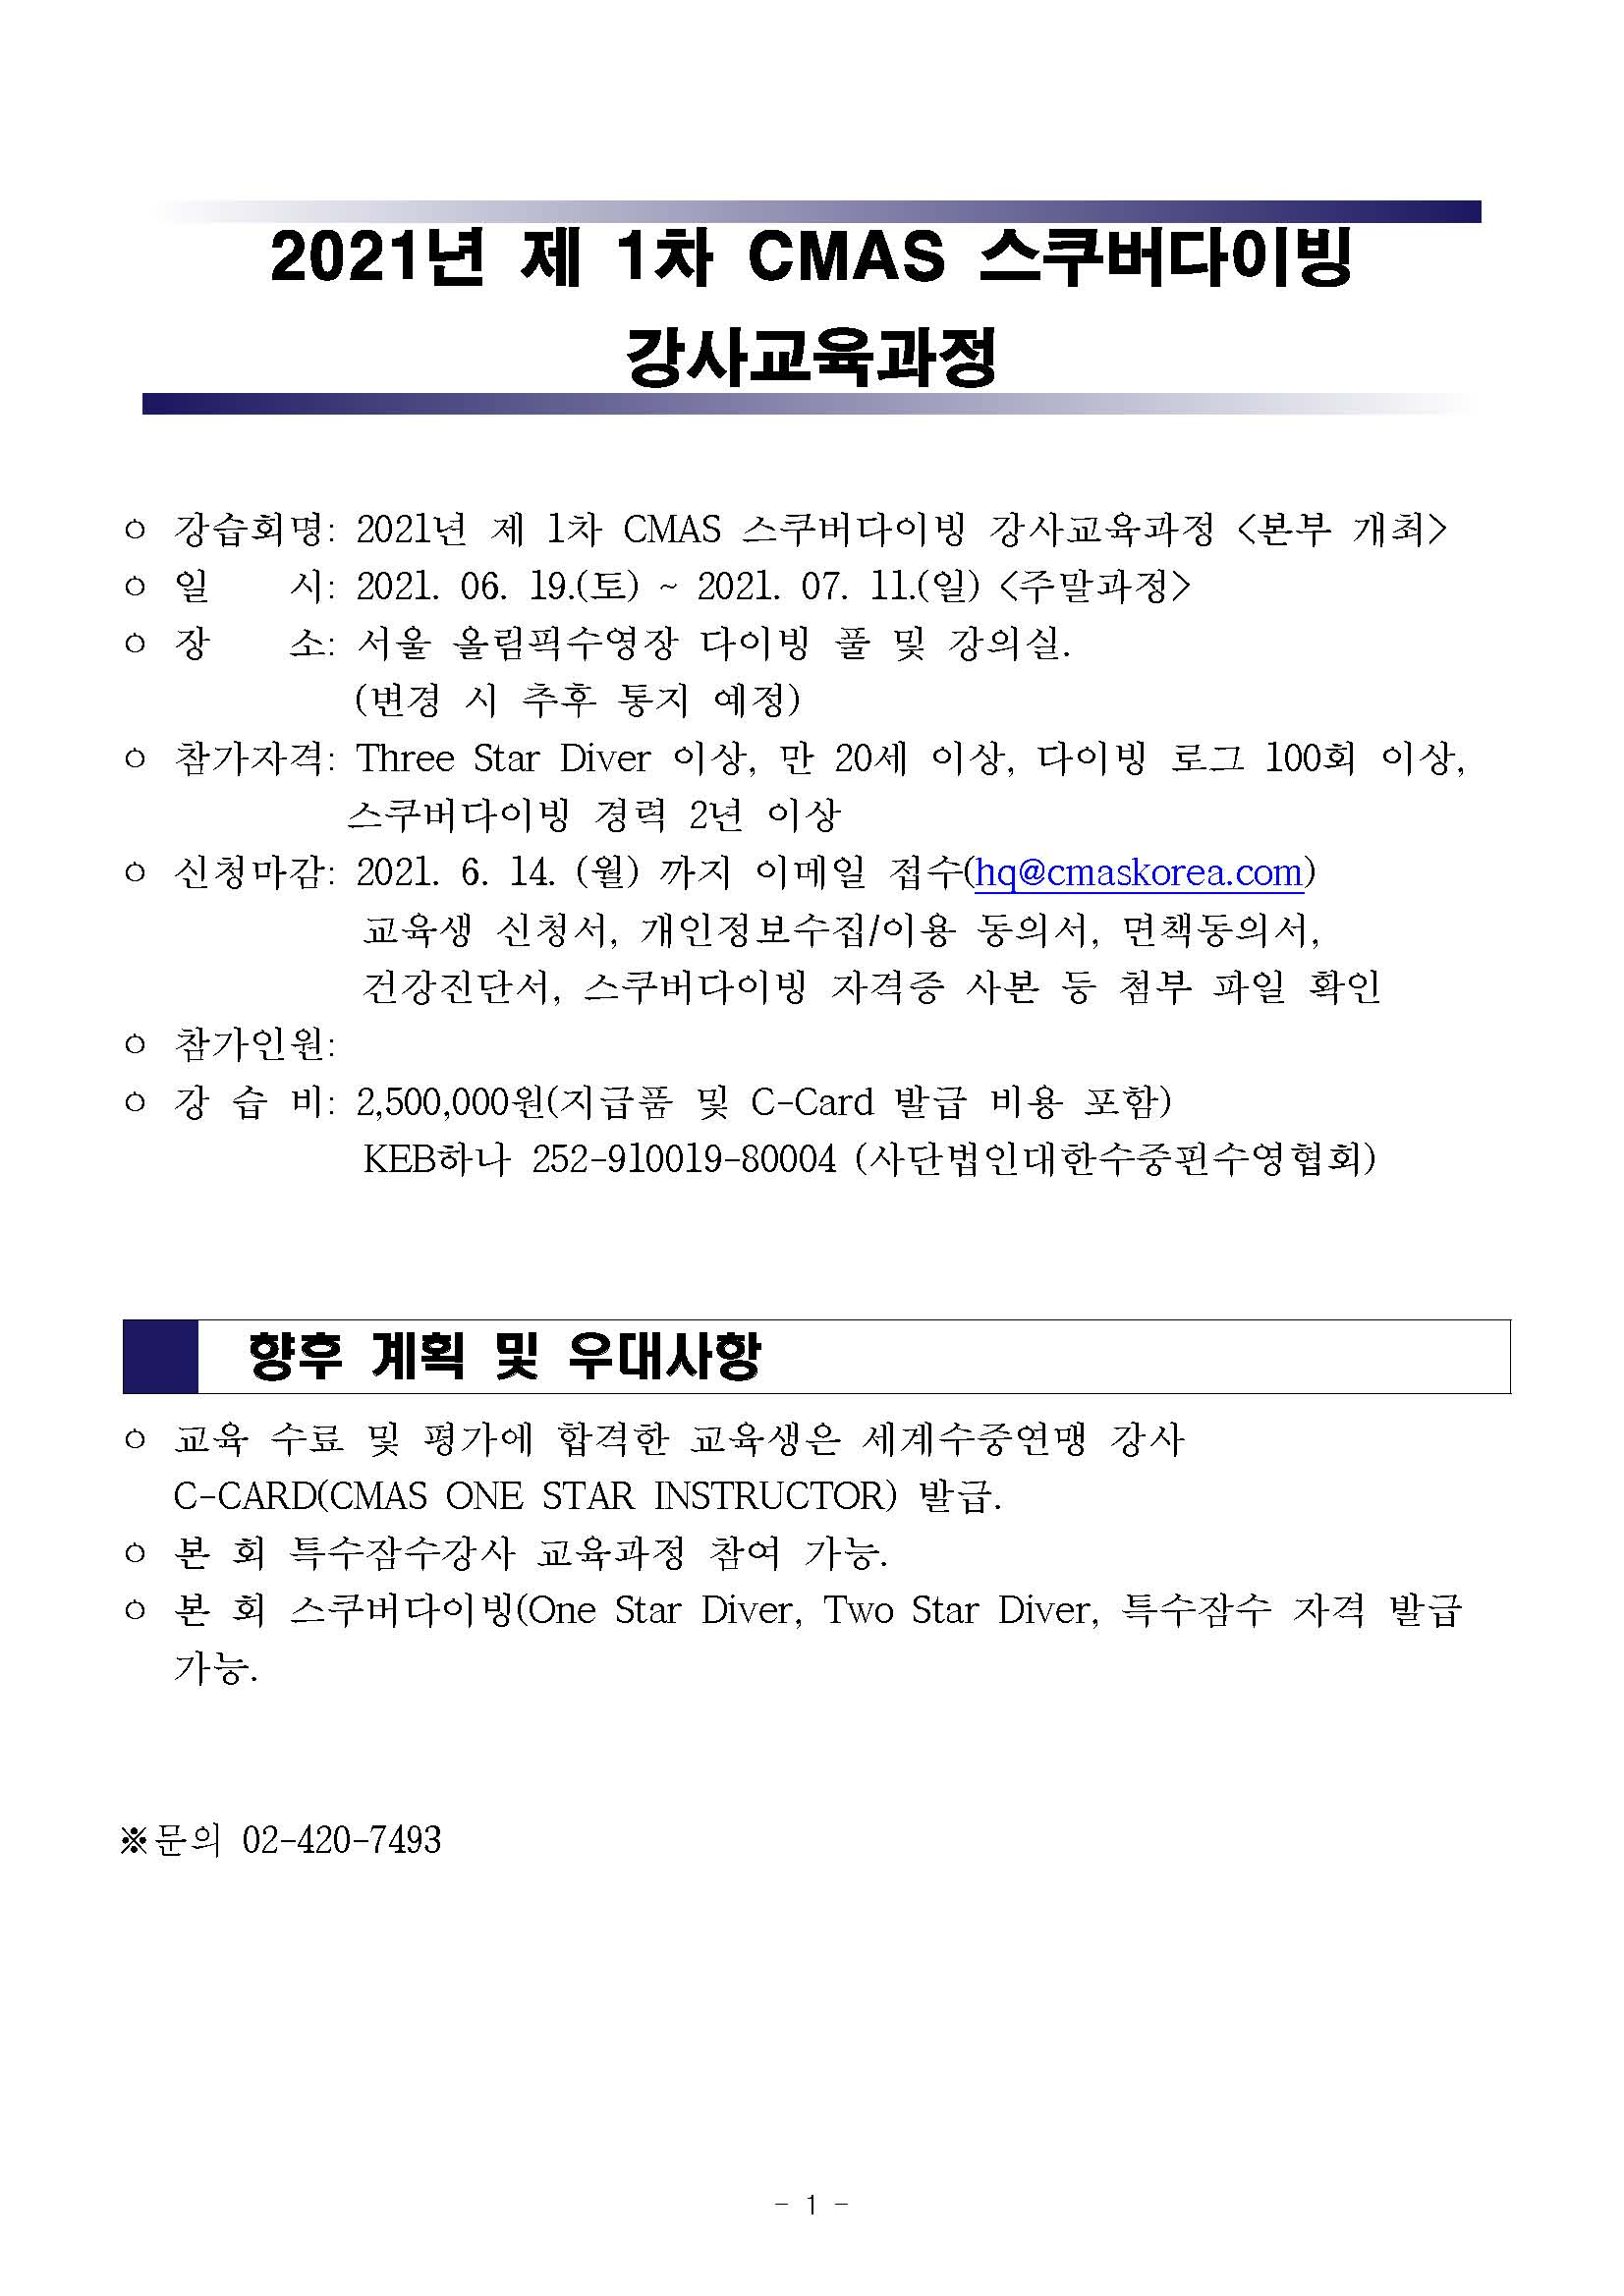 ★2021 제1차 강사교육과정 홈페이지(수정).jpg